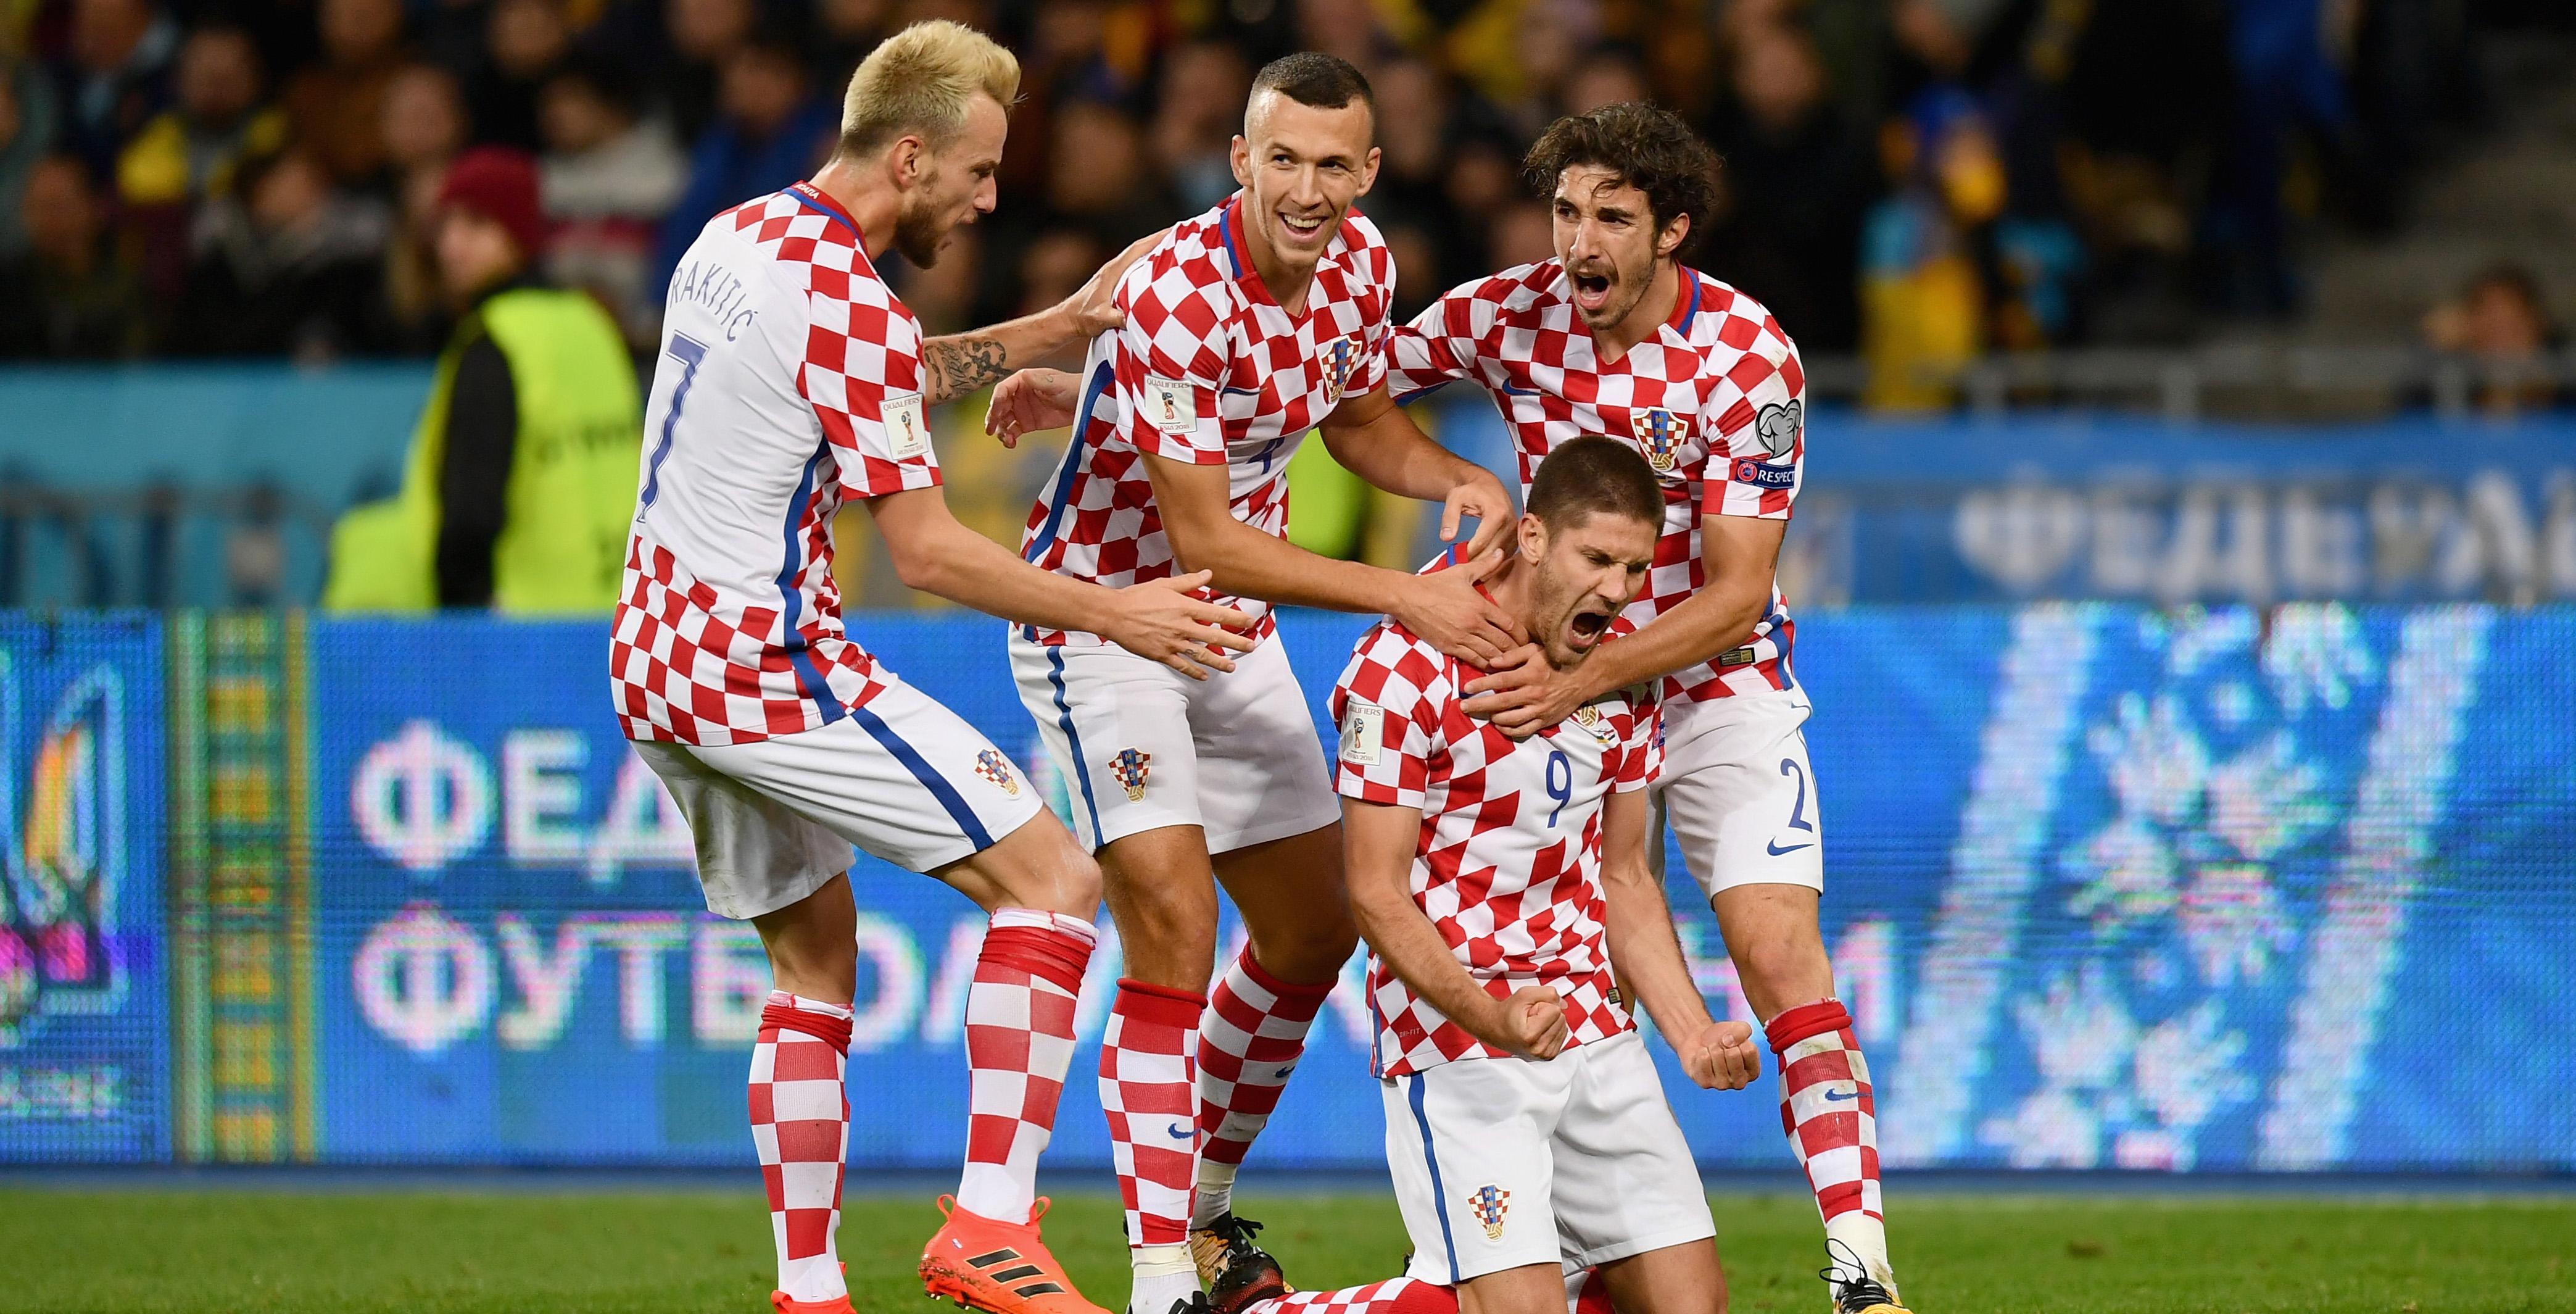 الرسالة نت - كرواتيا تتسلح بسجلها المثالي للتأهل للمونديال